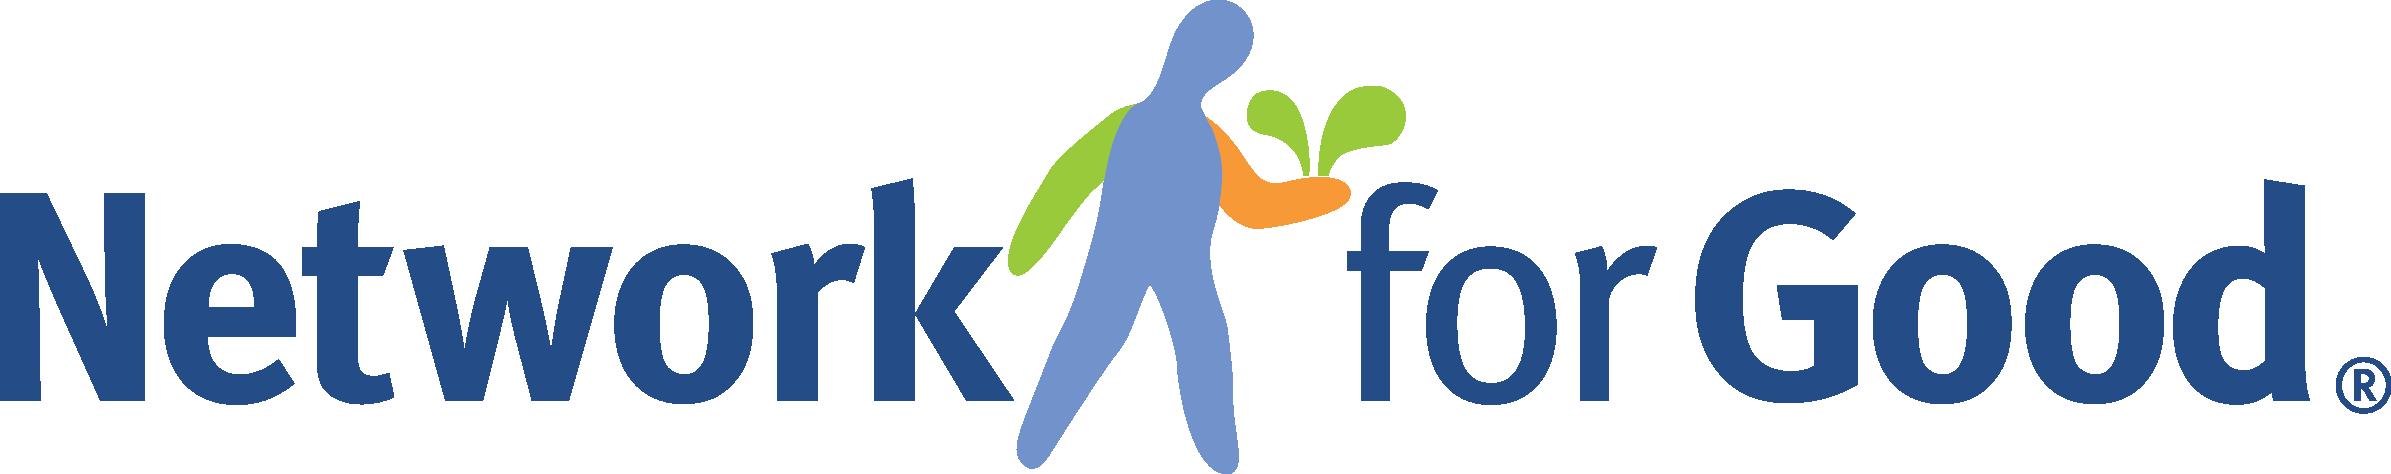 Network for Good logo